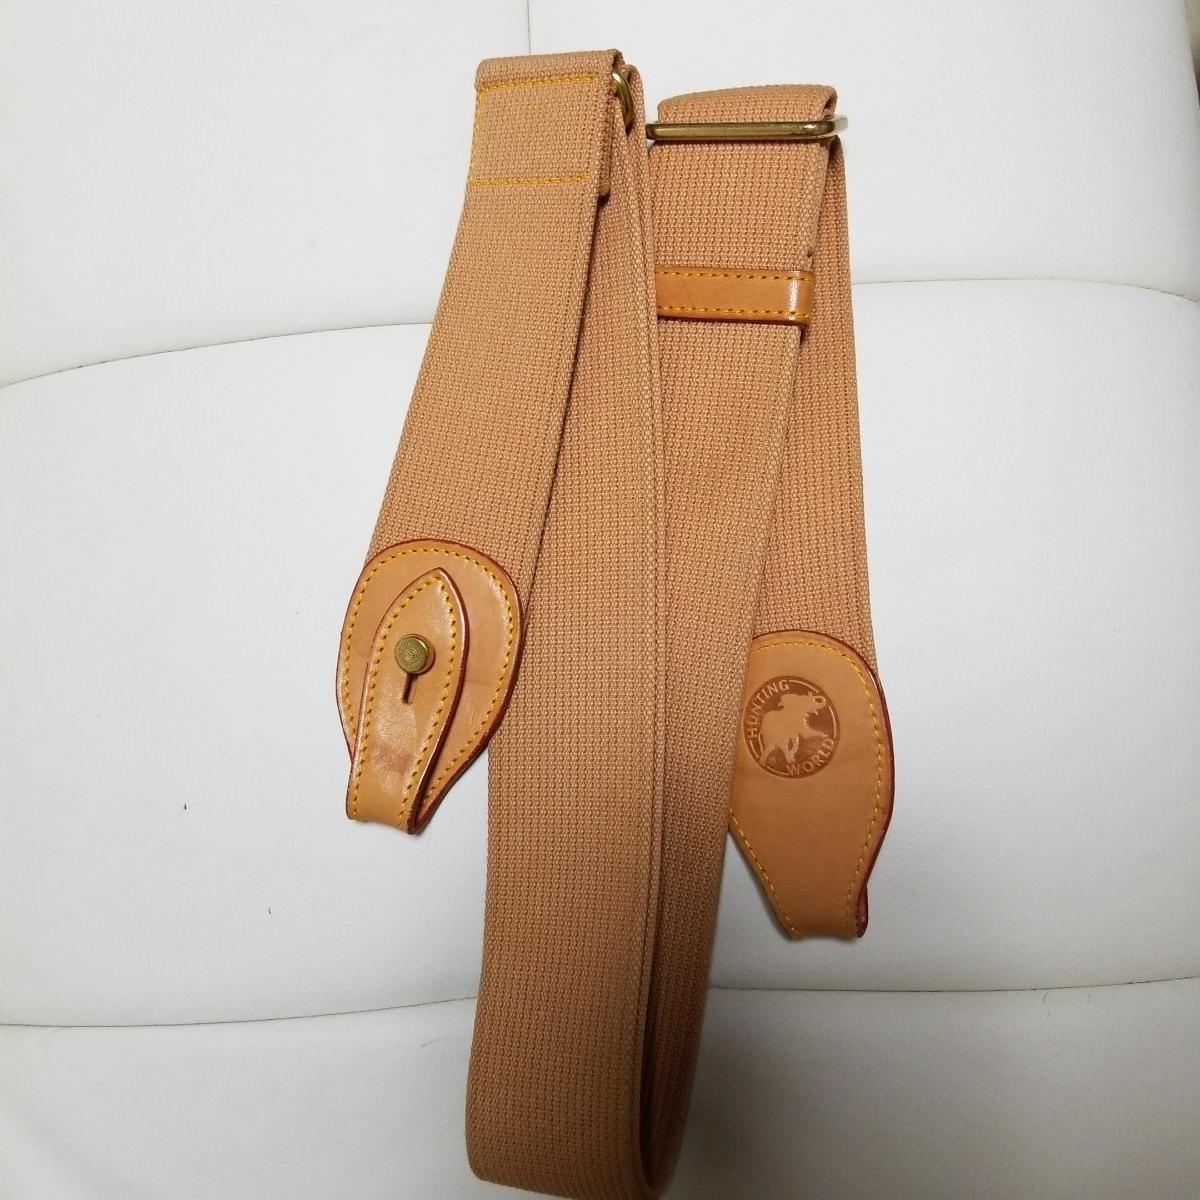 ◆未使用◆ハンティングワールド/ショルダーストラップ/ボストン/その他のバッグ利用可能_画像6